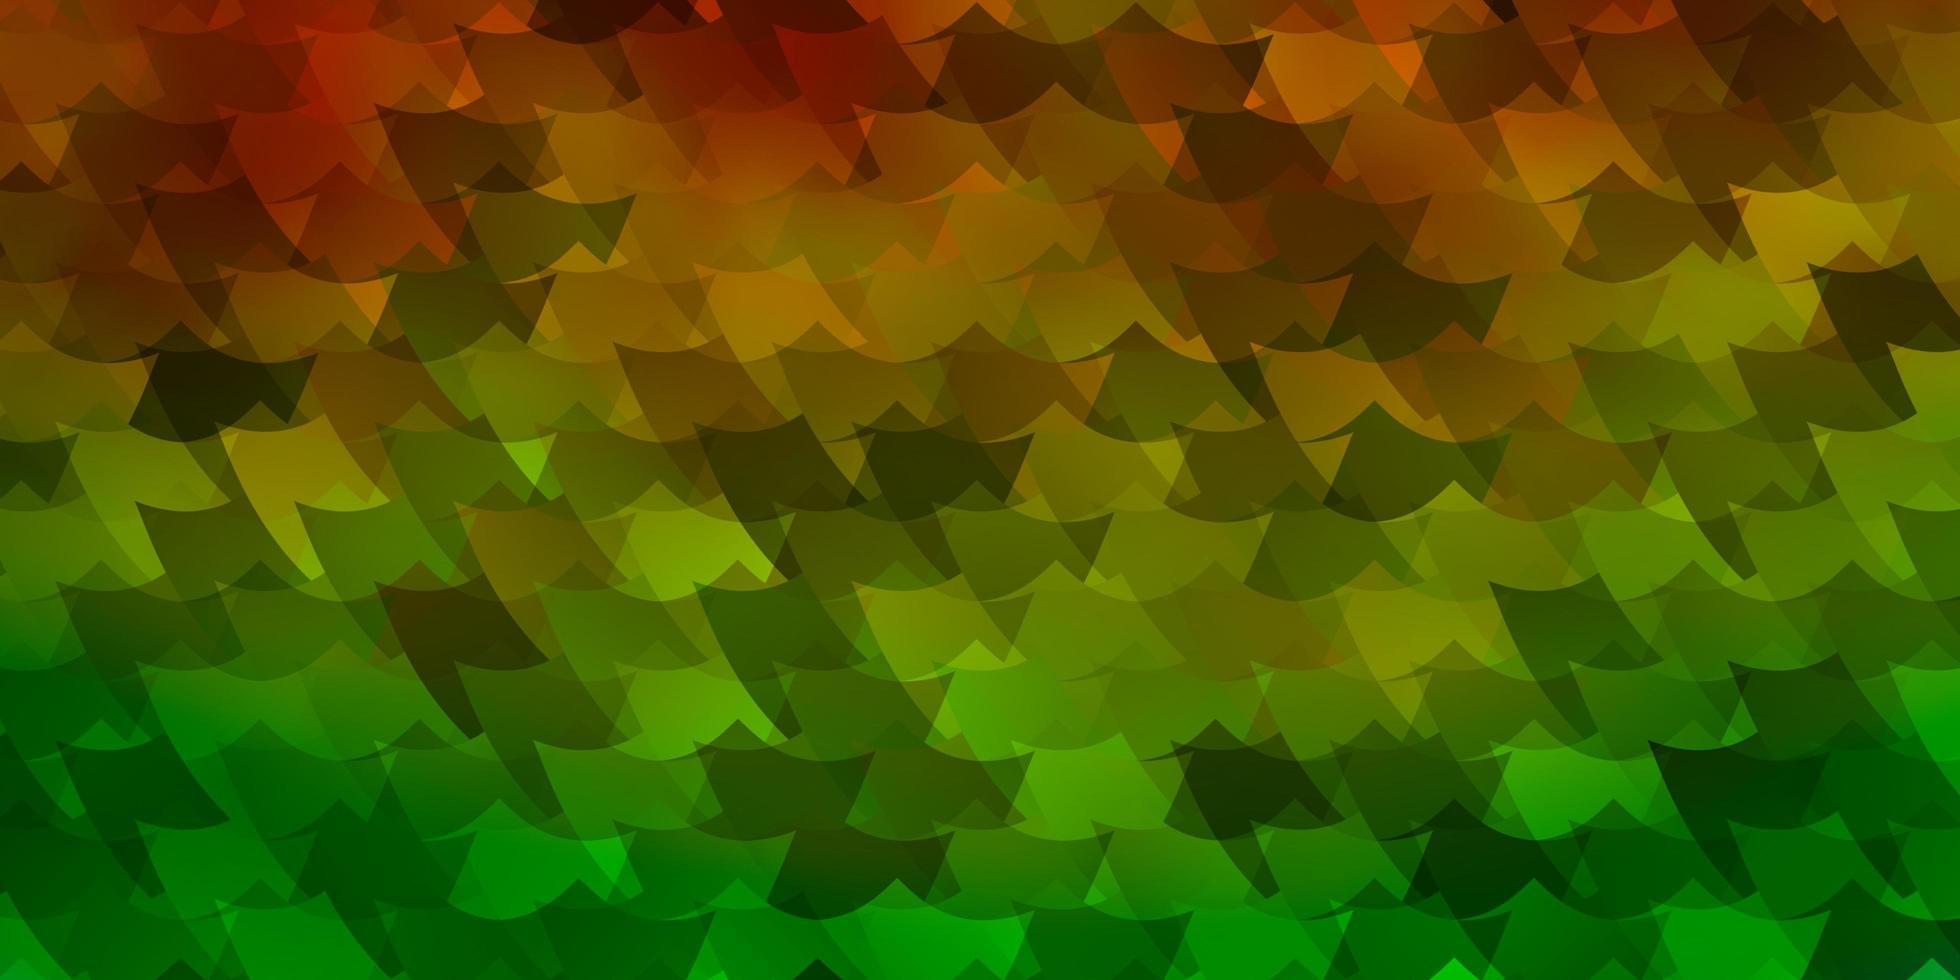 grön, gul mall med rektanglar. vektor